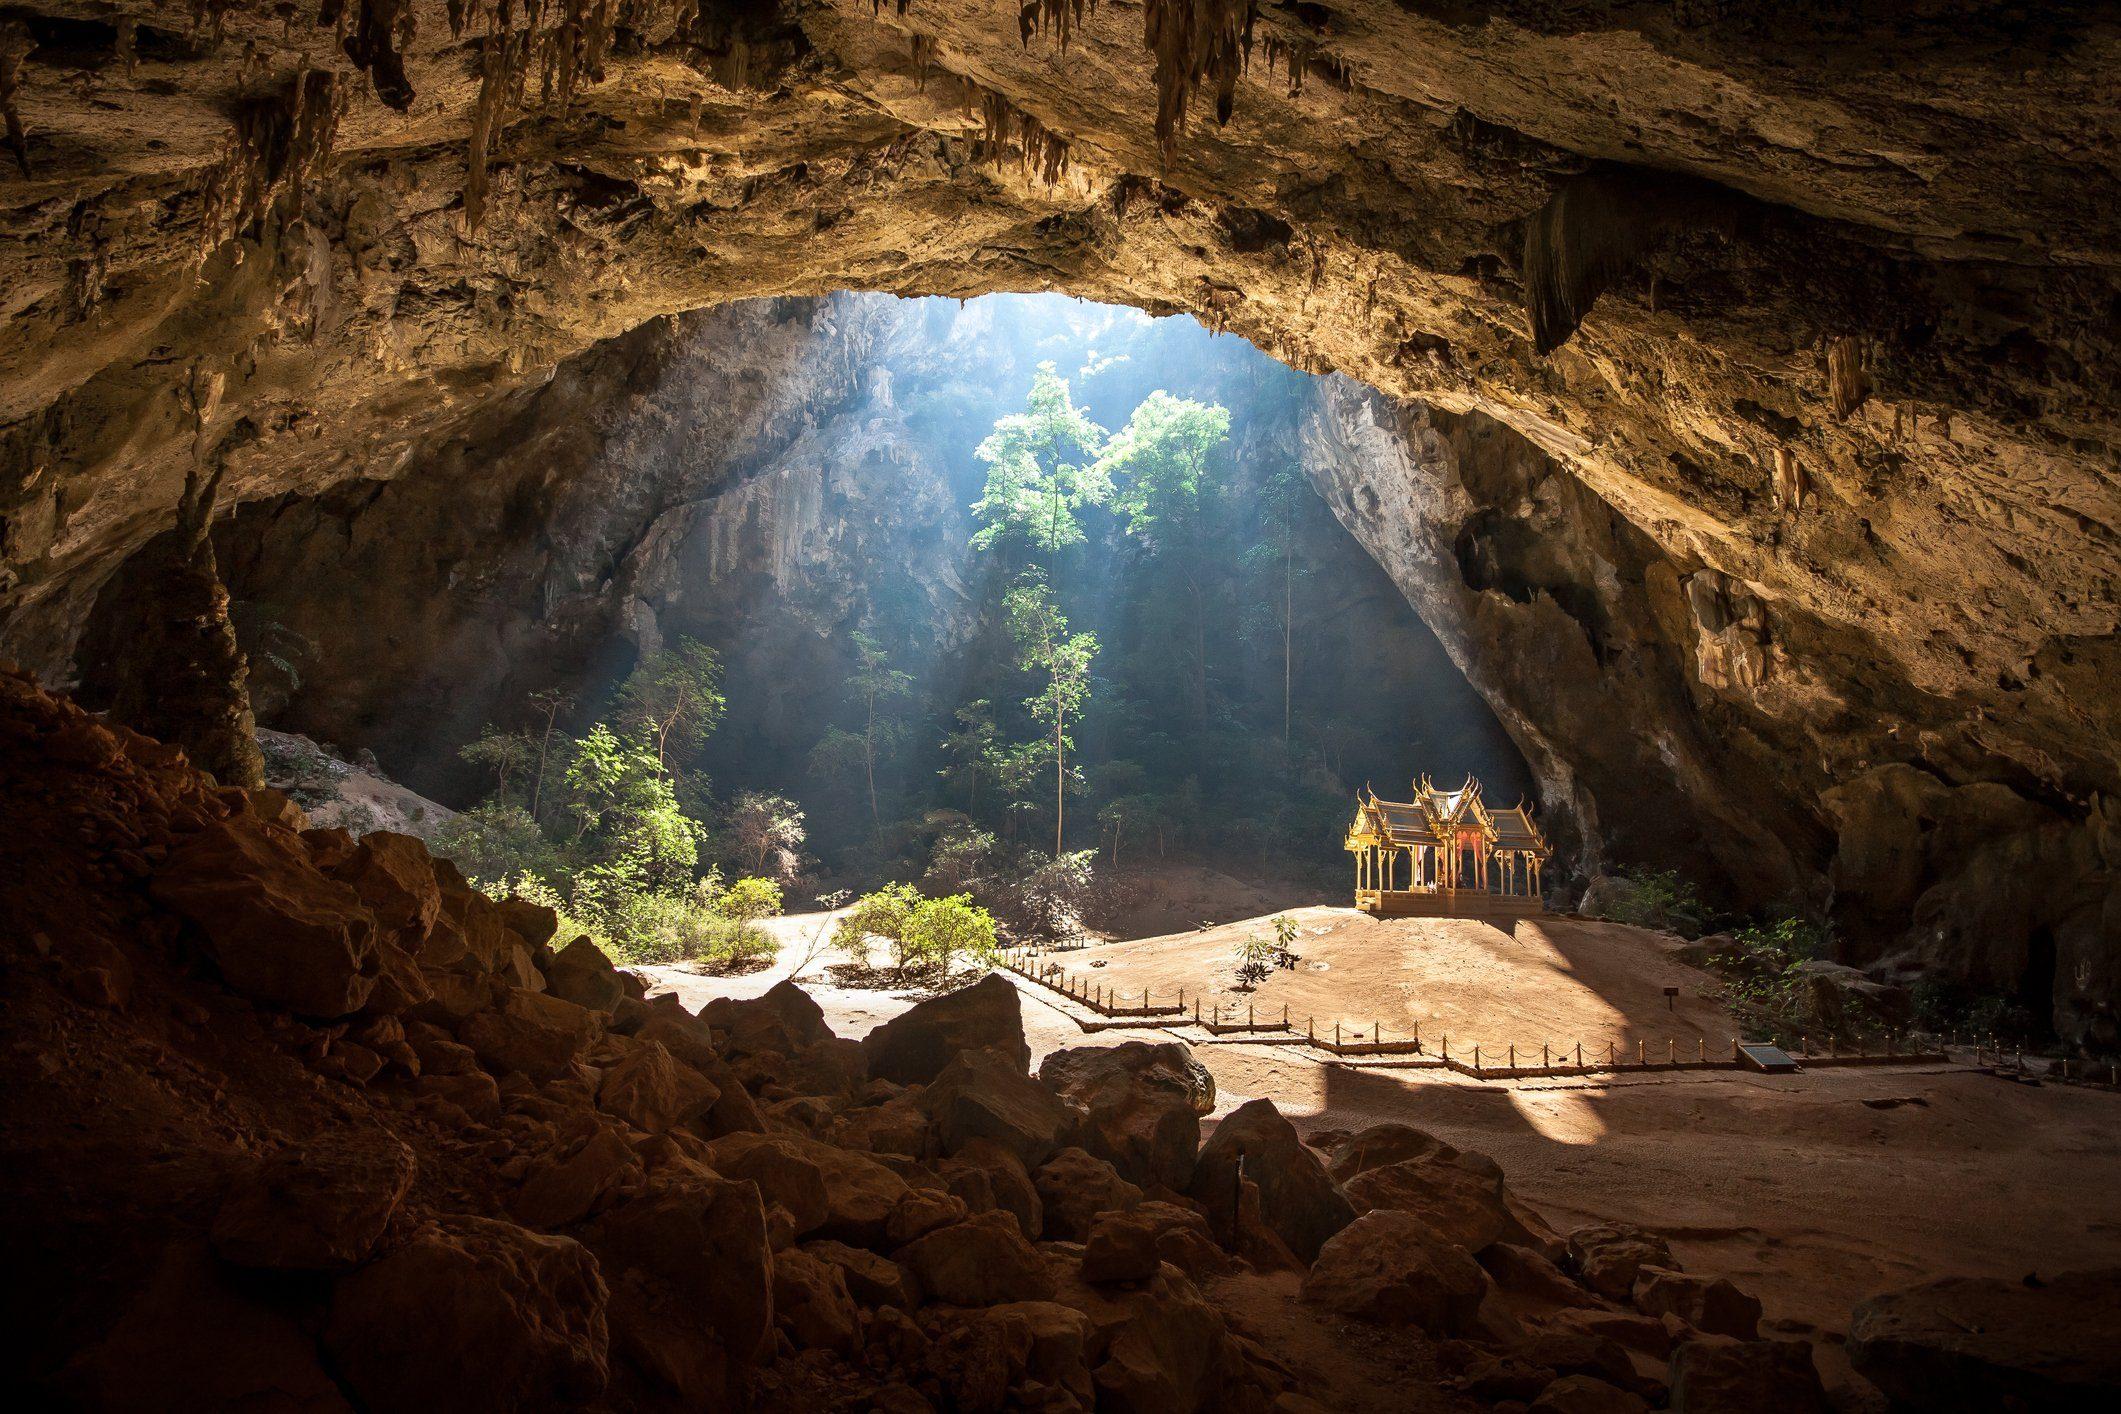 Phraya Nakhon Cave, Khao Sam Roi Yot National Park, Prachuap Khiri Khan, Thailand